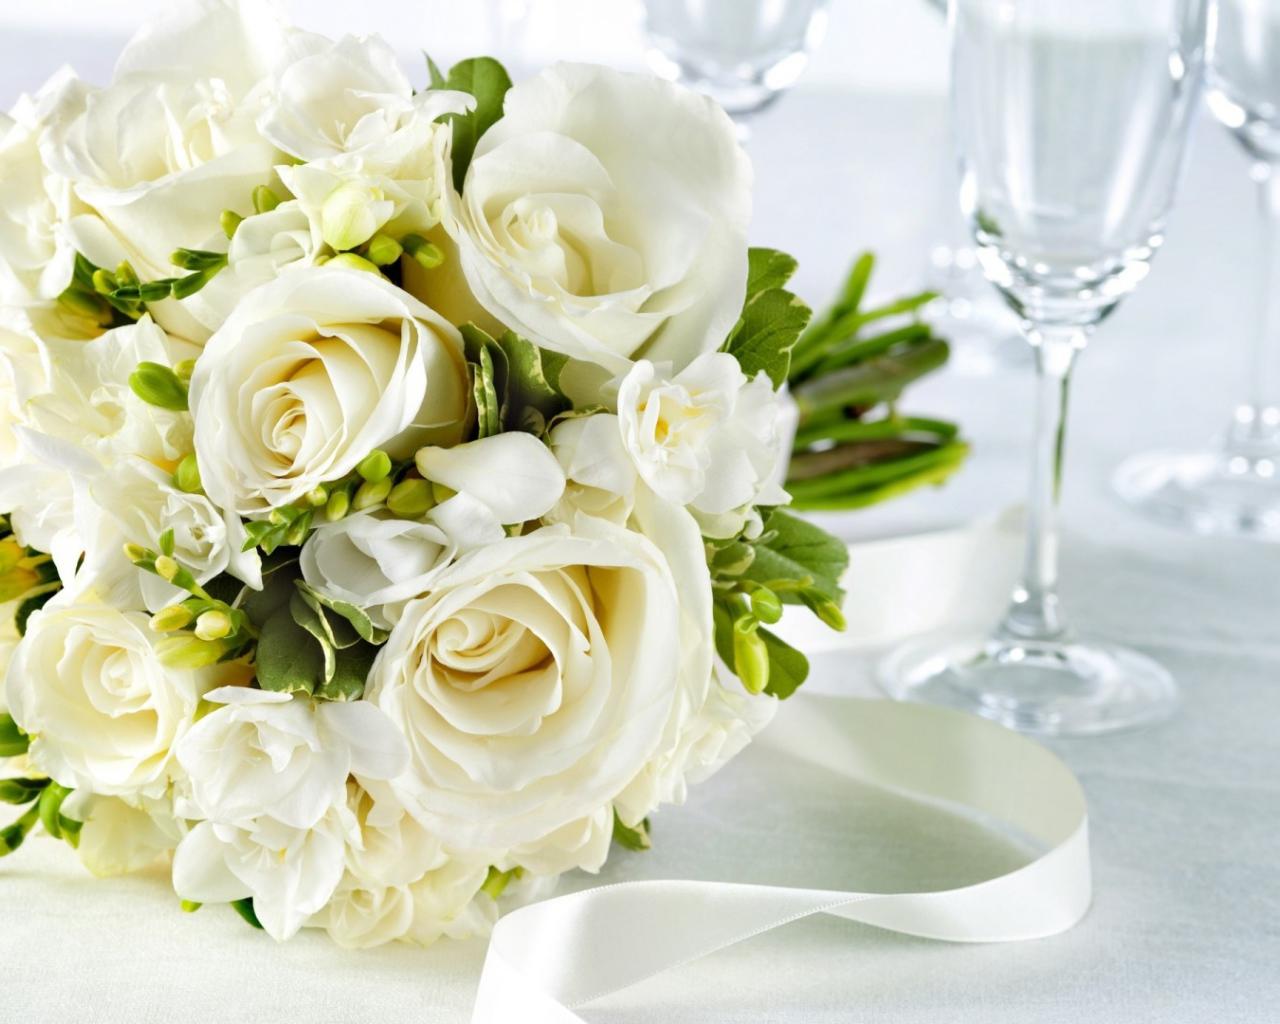 Роза, свадебный букет на столе